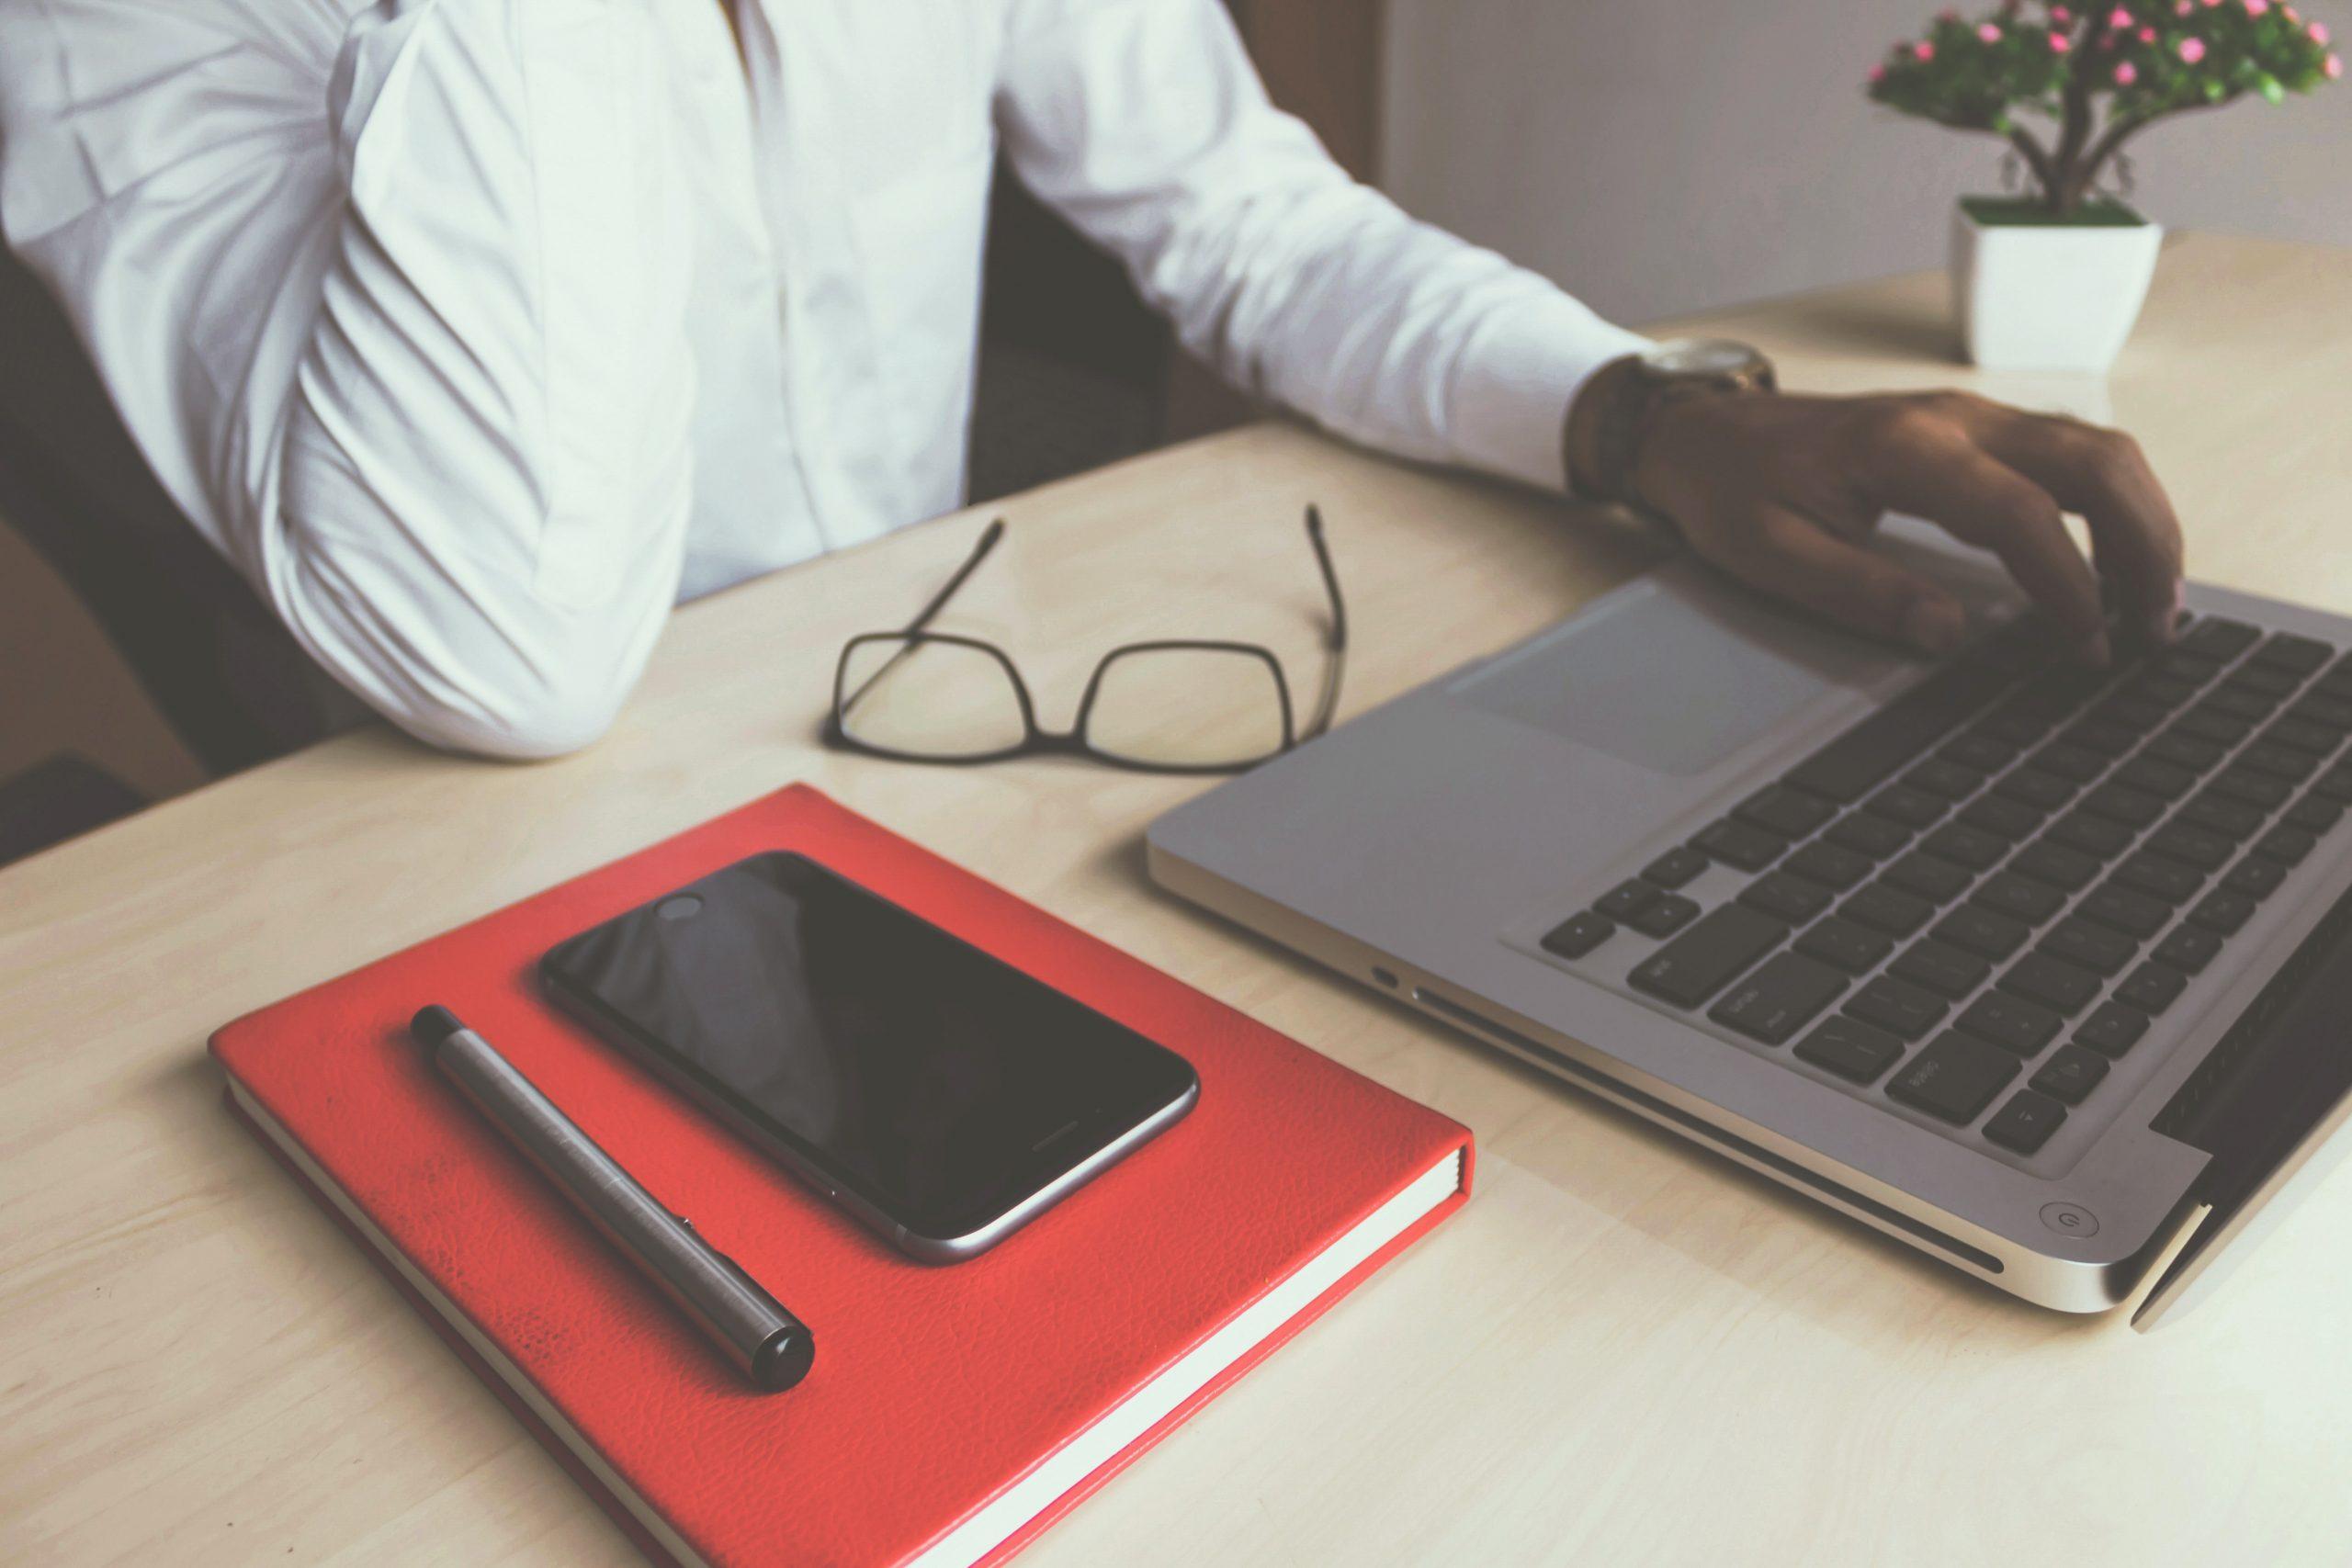 Five Top Productivity Tools for Social Enterprises